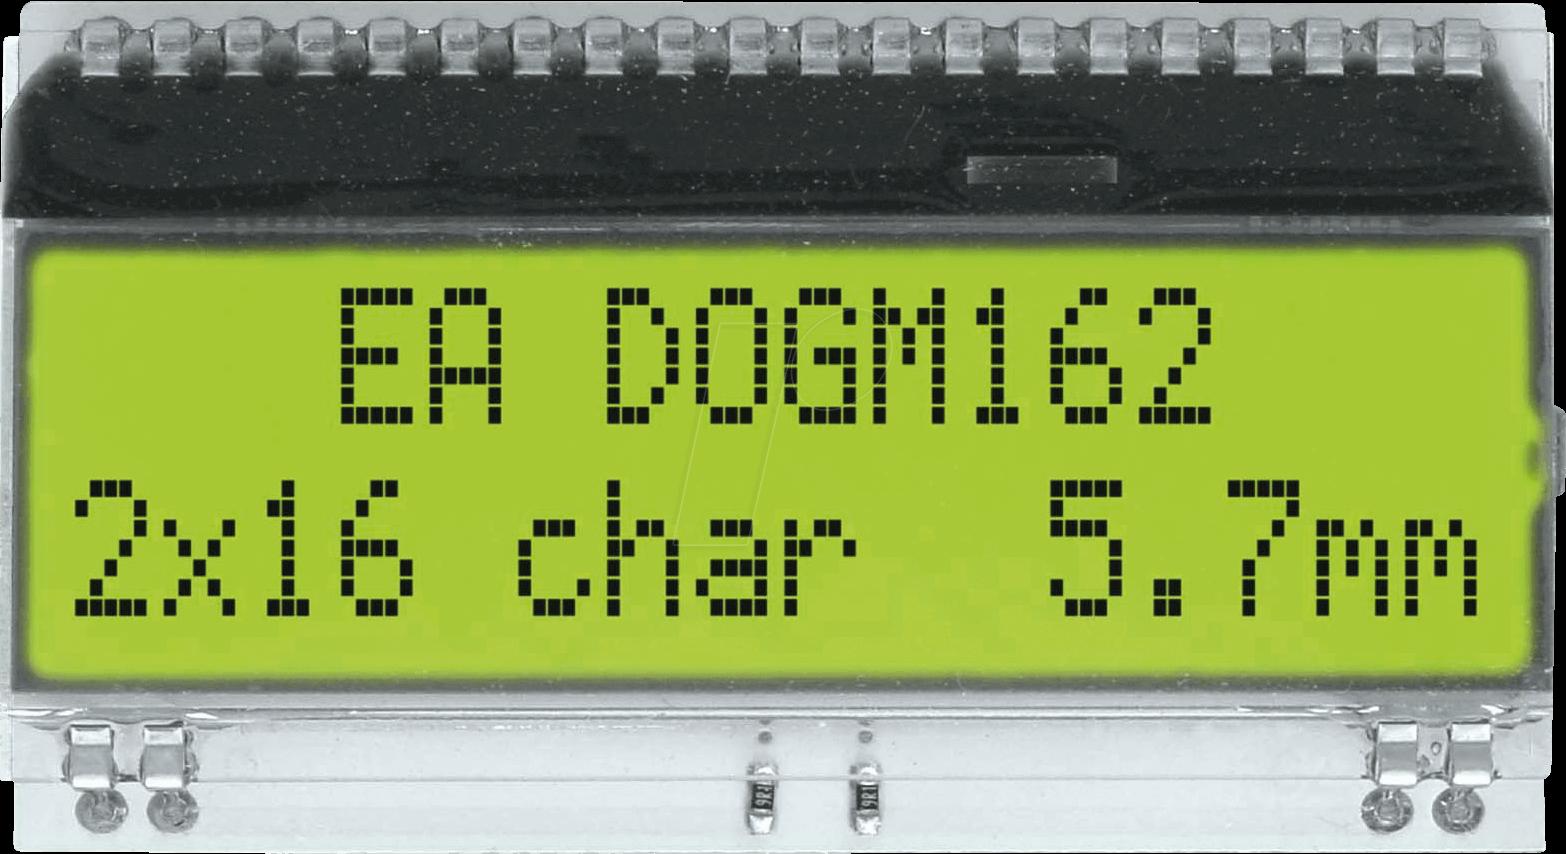 https://cdn-reichelt.de/bilder/web/xxl_ws/A500/DOGM162E-G.png